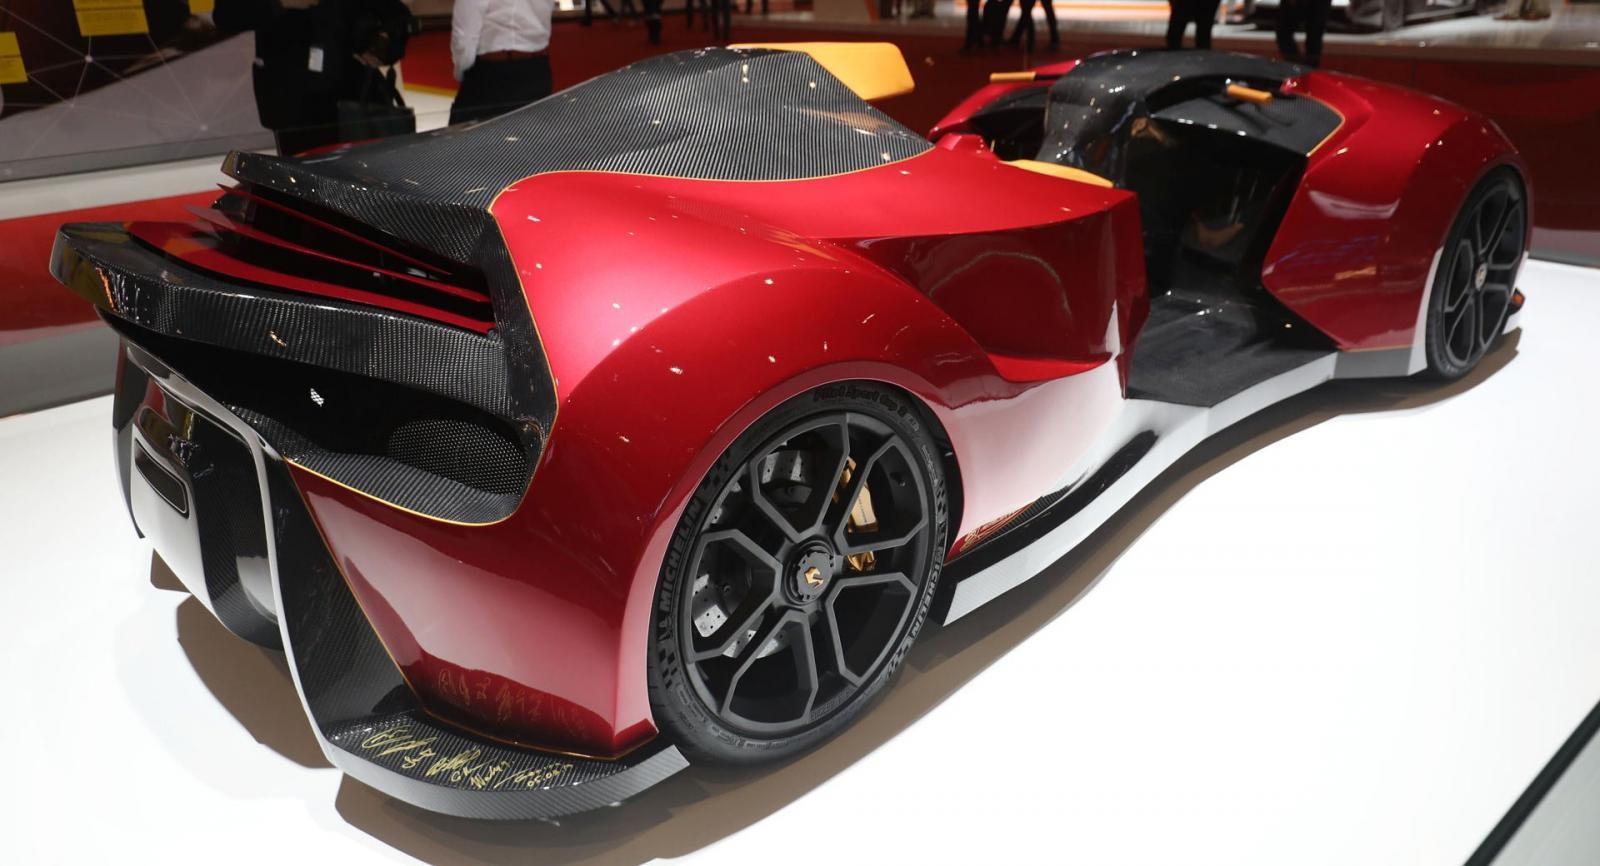 F.F Superquad sở hữu tới 850 mã lực và tốc độ như một siêu xe